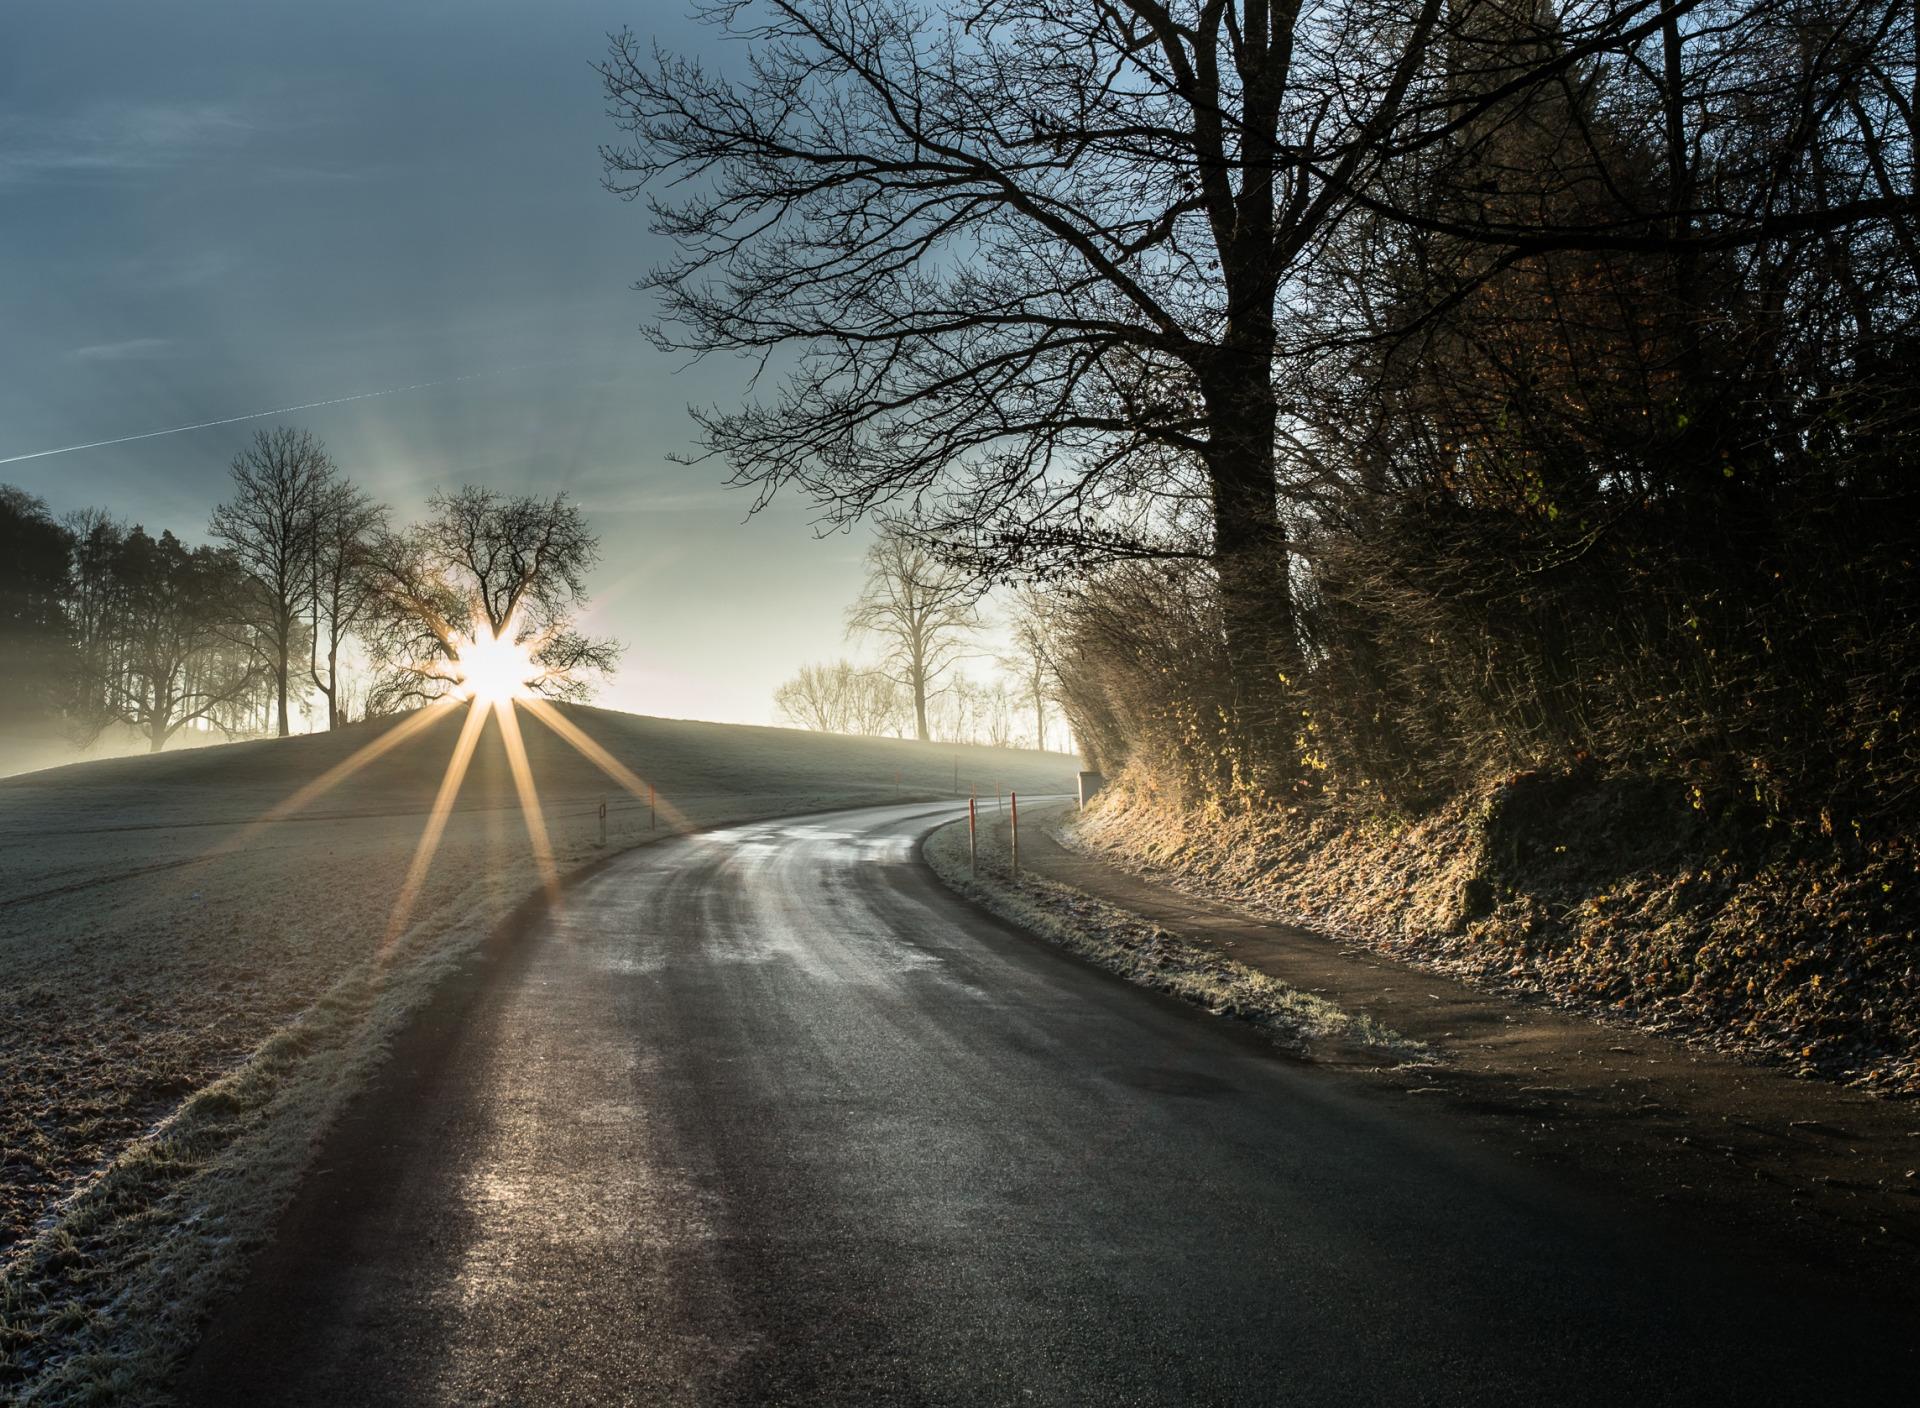 при красивые картинки дорога в тумане выбор местной жительницей сей